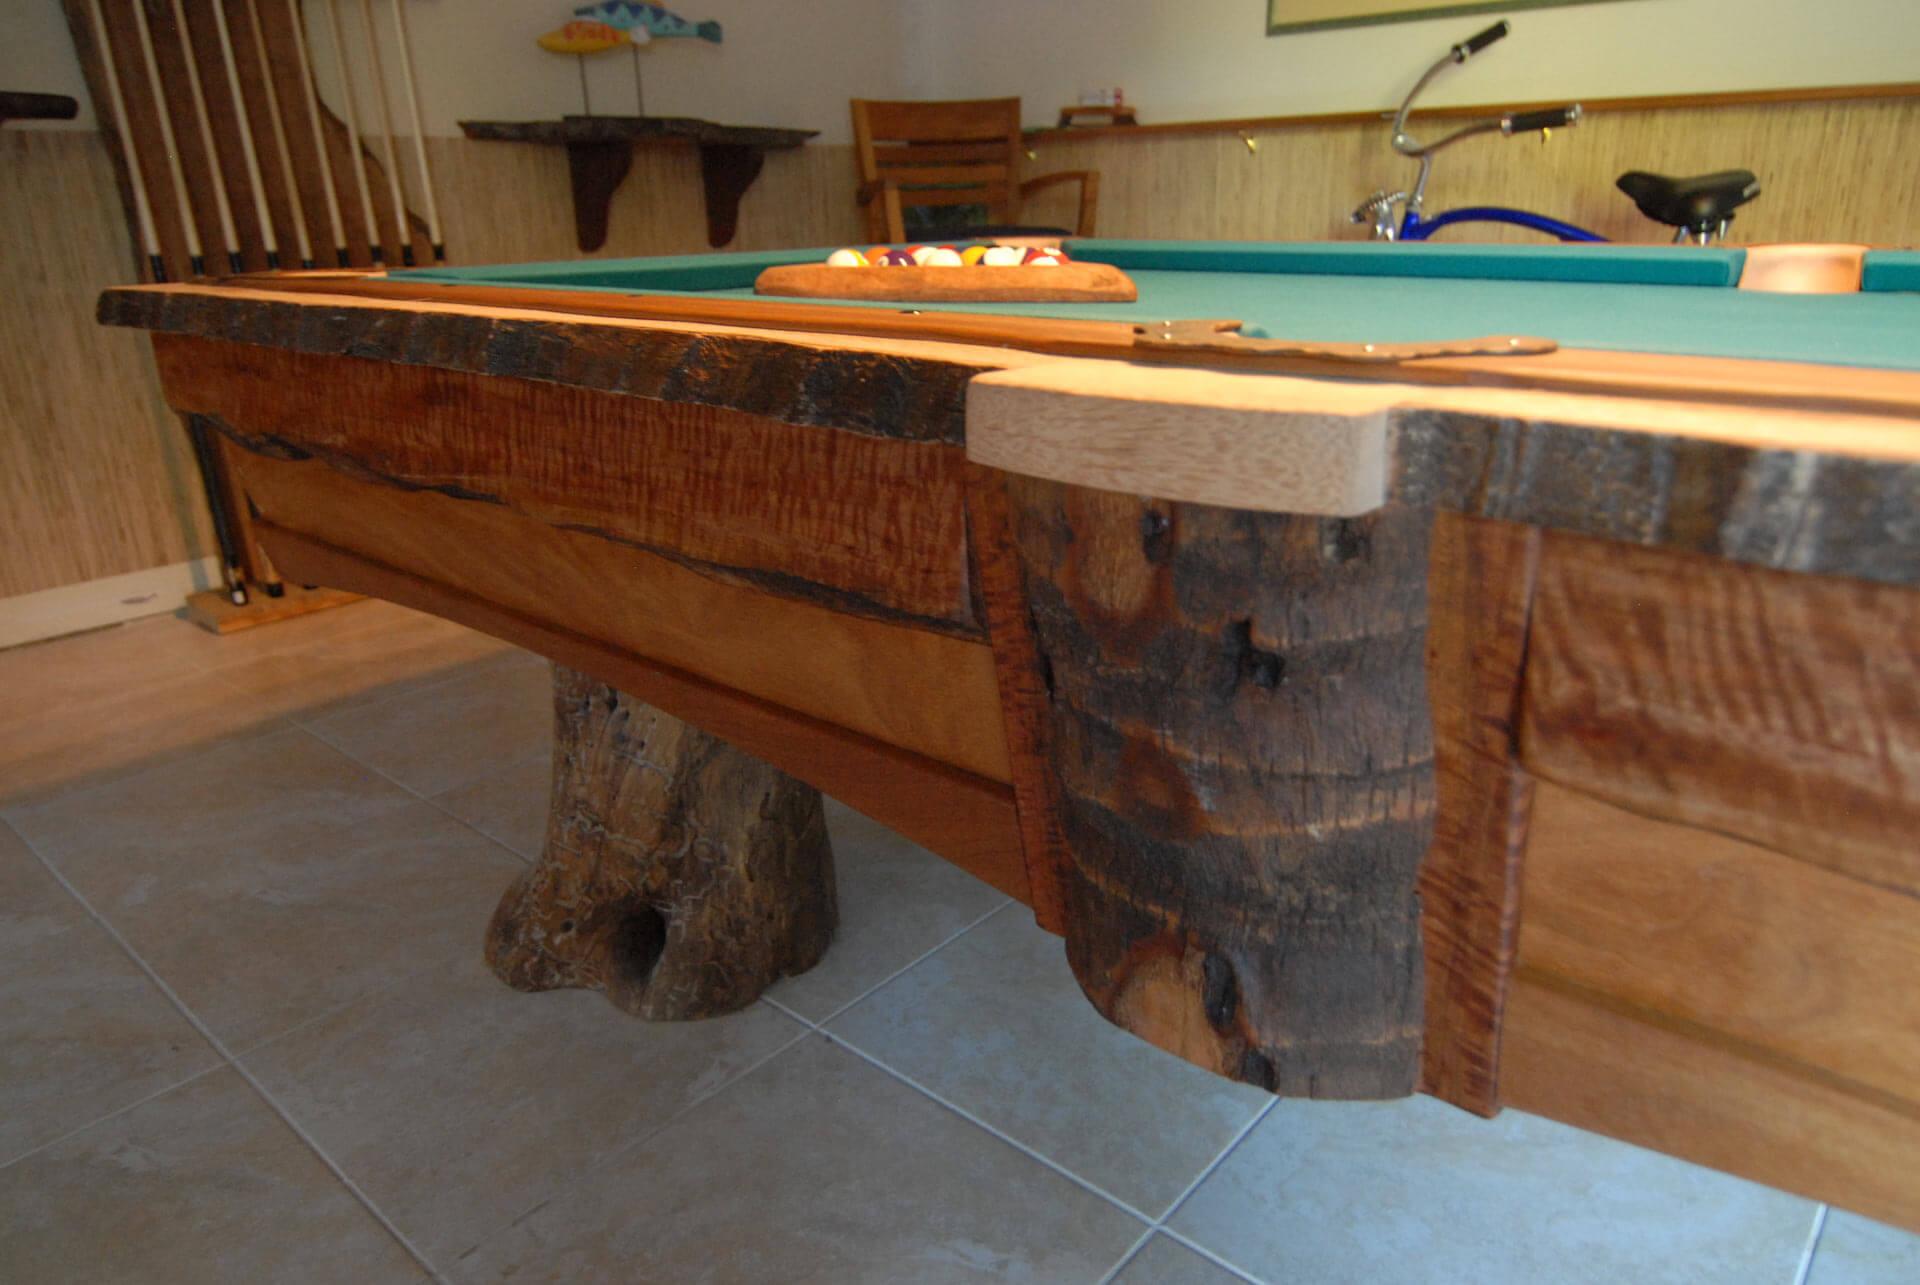 exotic-wood-pool-table-keys